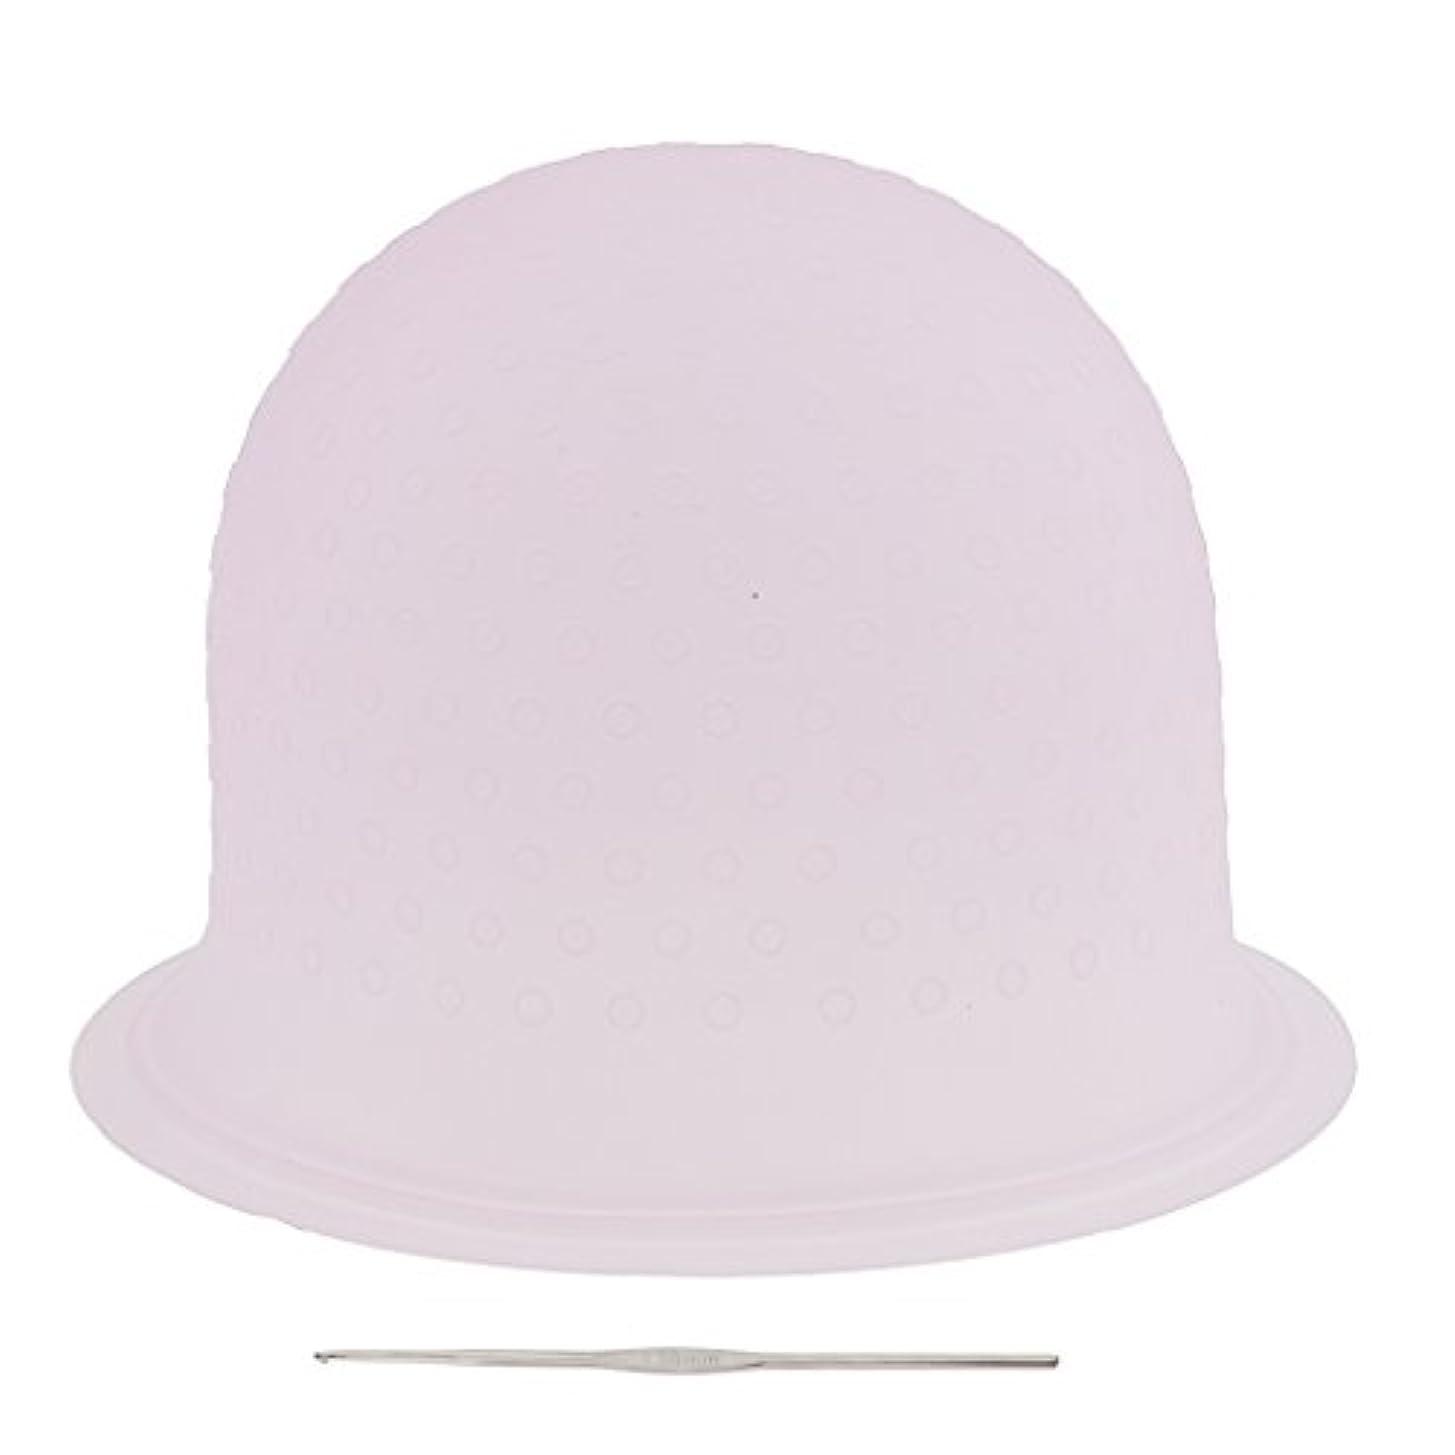 そう弾力性のある素晴らしい良い多くのSONONIA 再利用可能 省エネ サロン ハイライト 髪染め工具 染めツール メタルフック付き 2色選べ - ピンク, 23.3×8.5cm